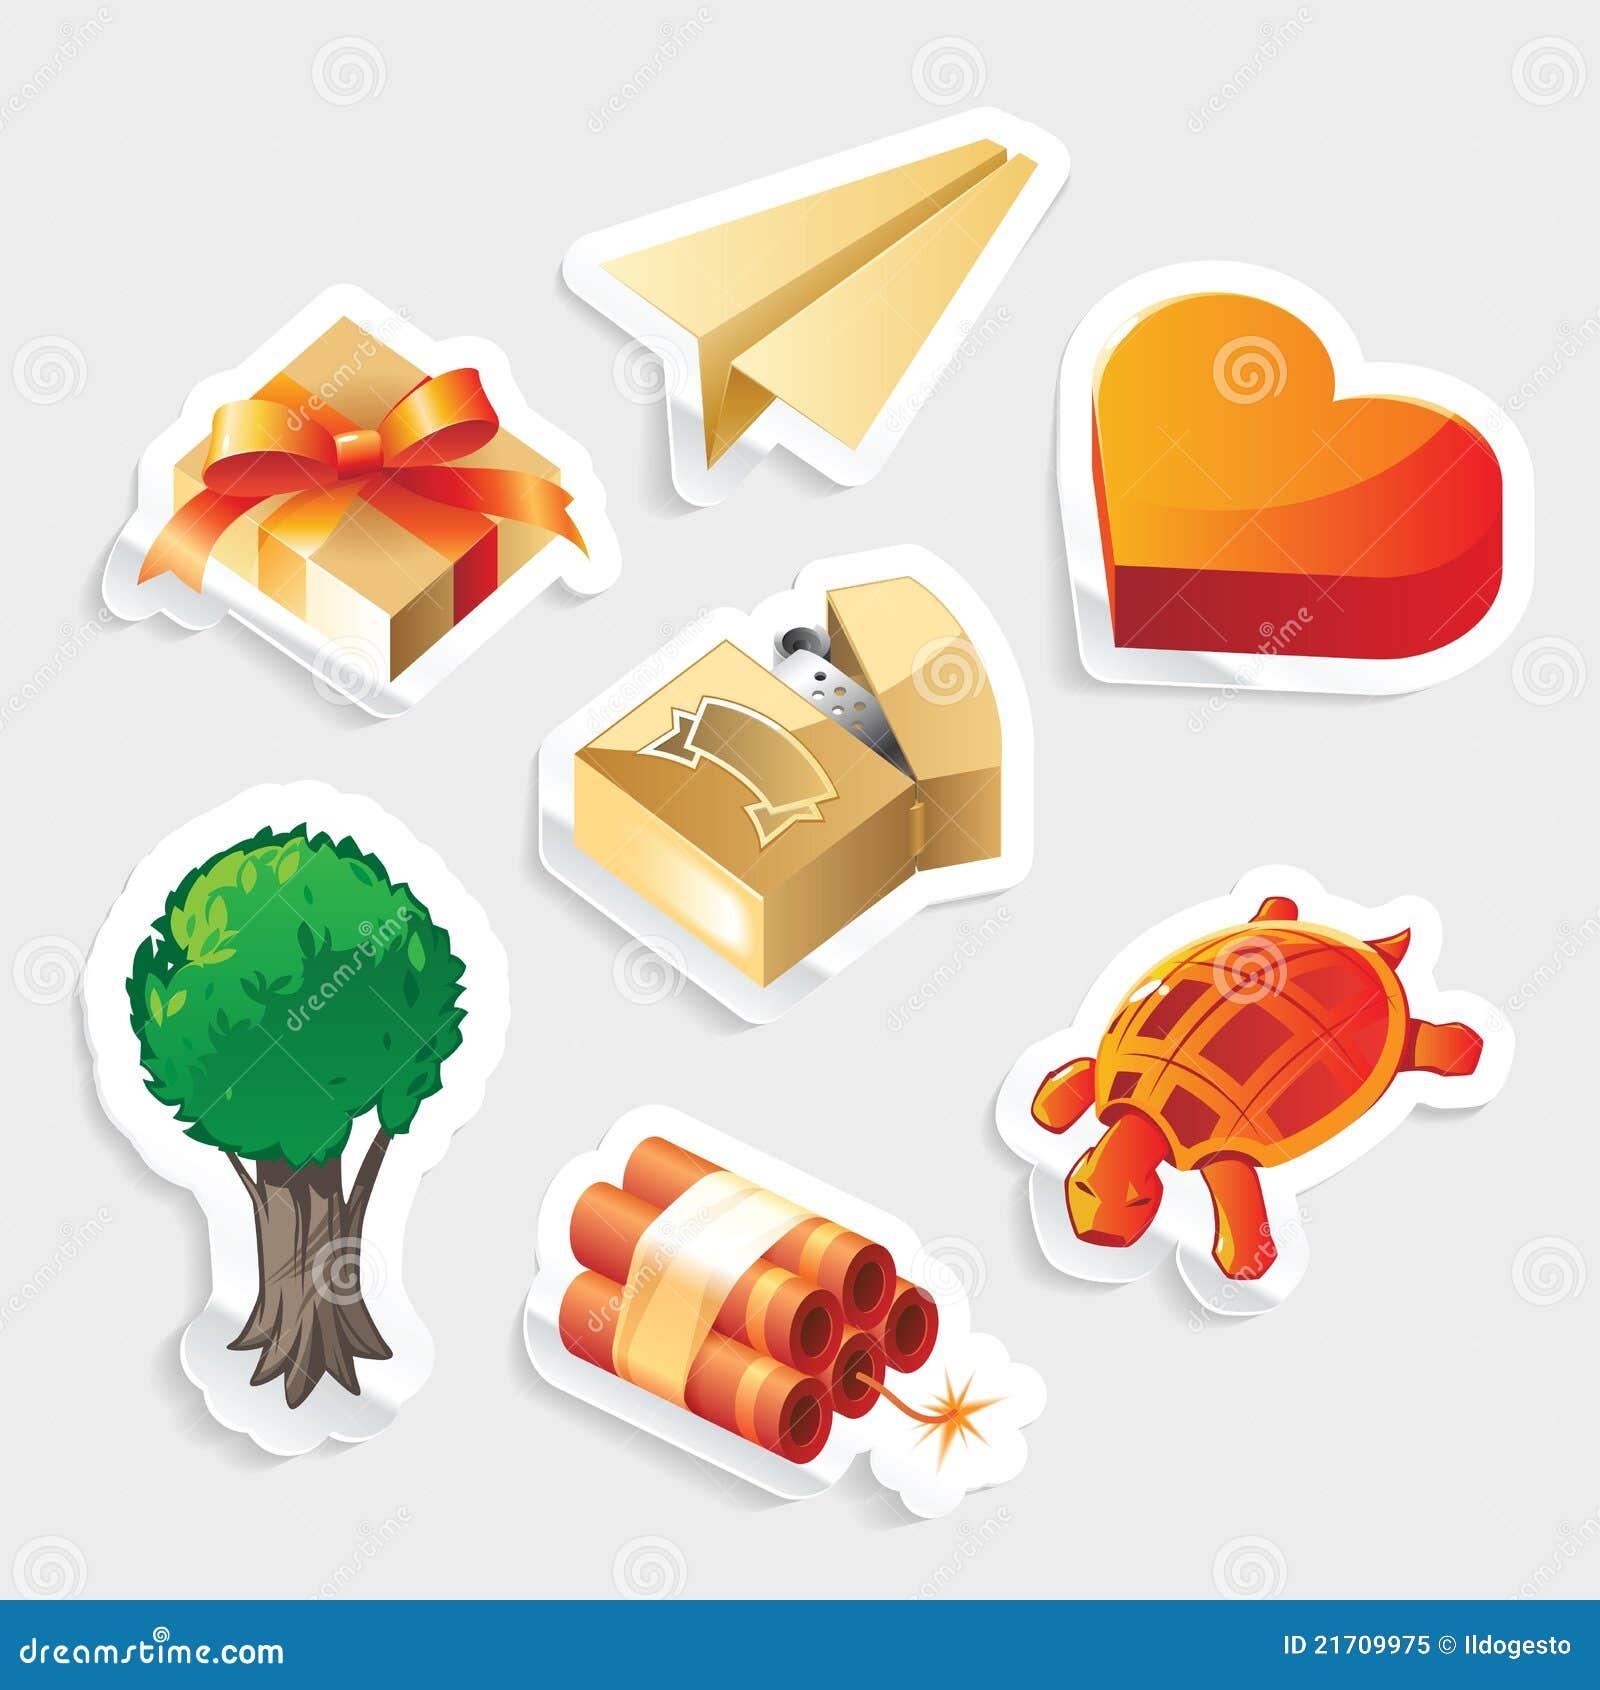 Miscellaneous sticker icon set